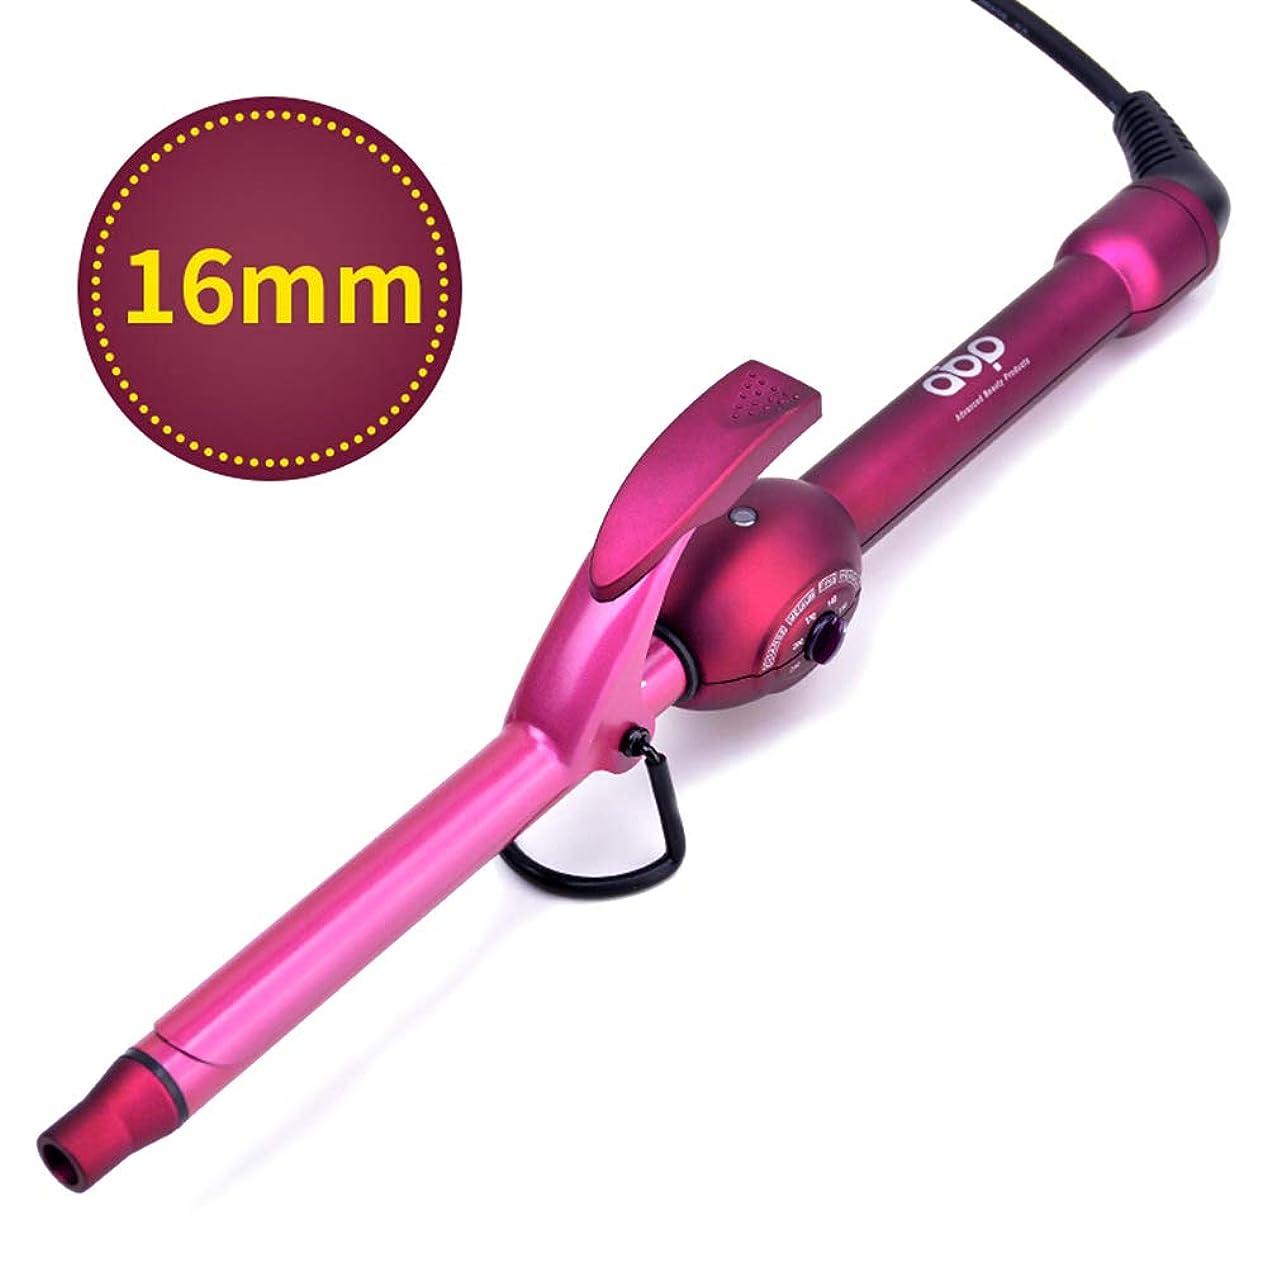 笑い三ローブABP イオンカールアイロン ヘアアイロン 80℃~210℃ 温度調整 海外対応 プロ仕様 巻き髪 (16mm)